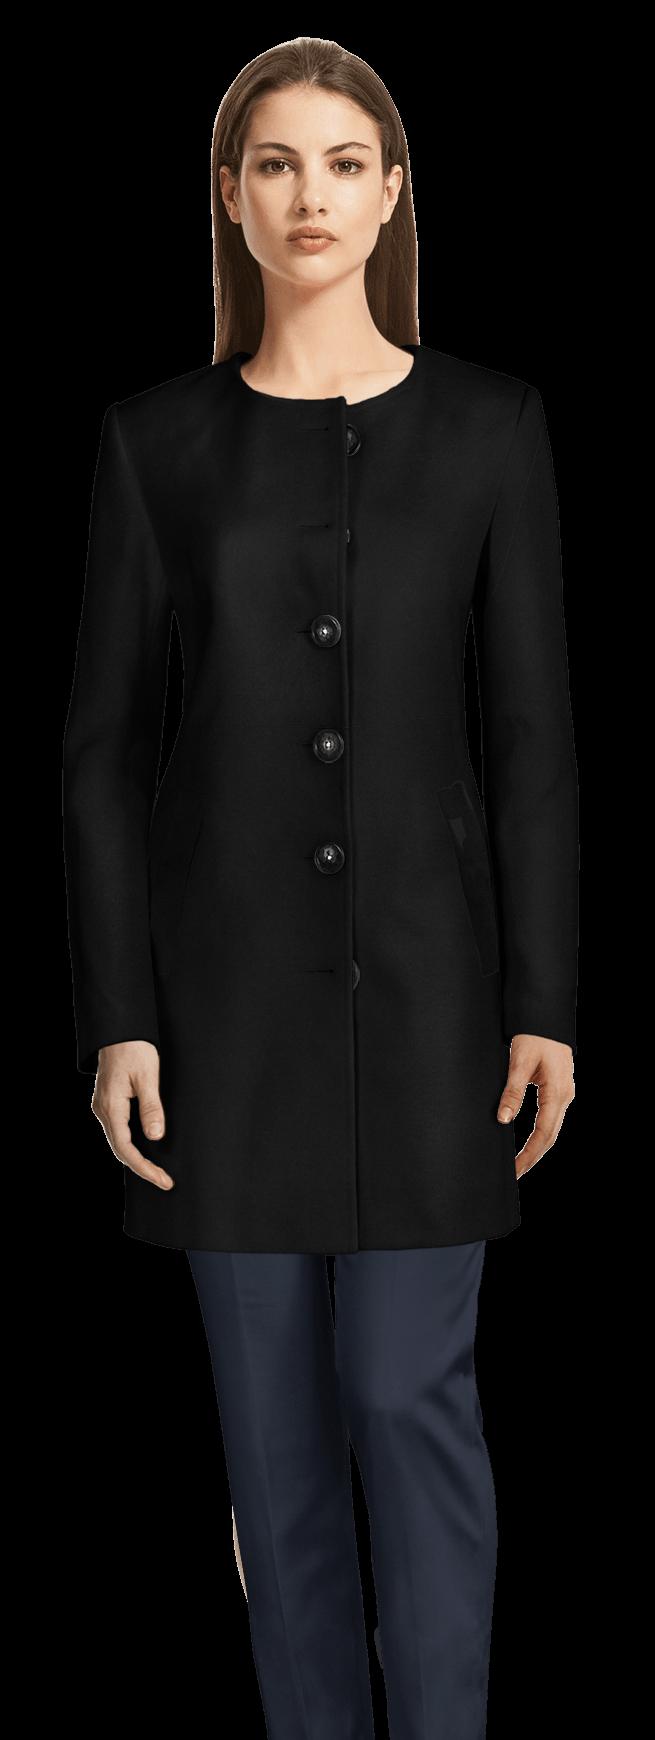 new product dba1a d51c0 Cappotto senza collo nero